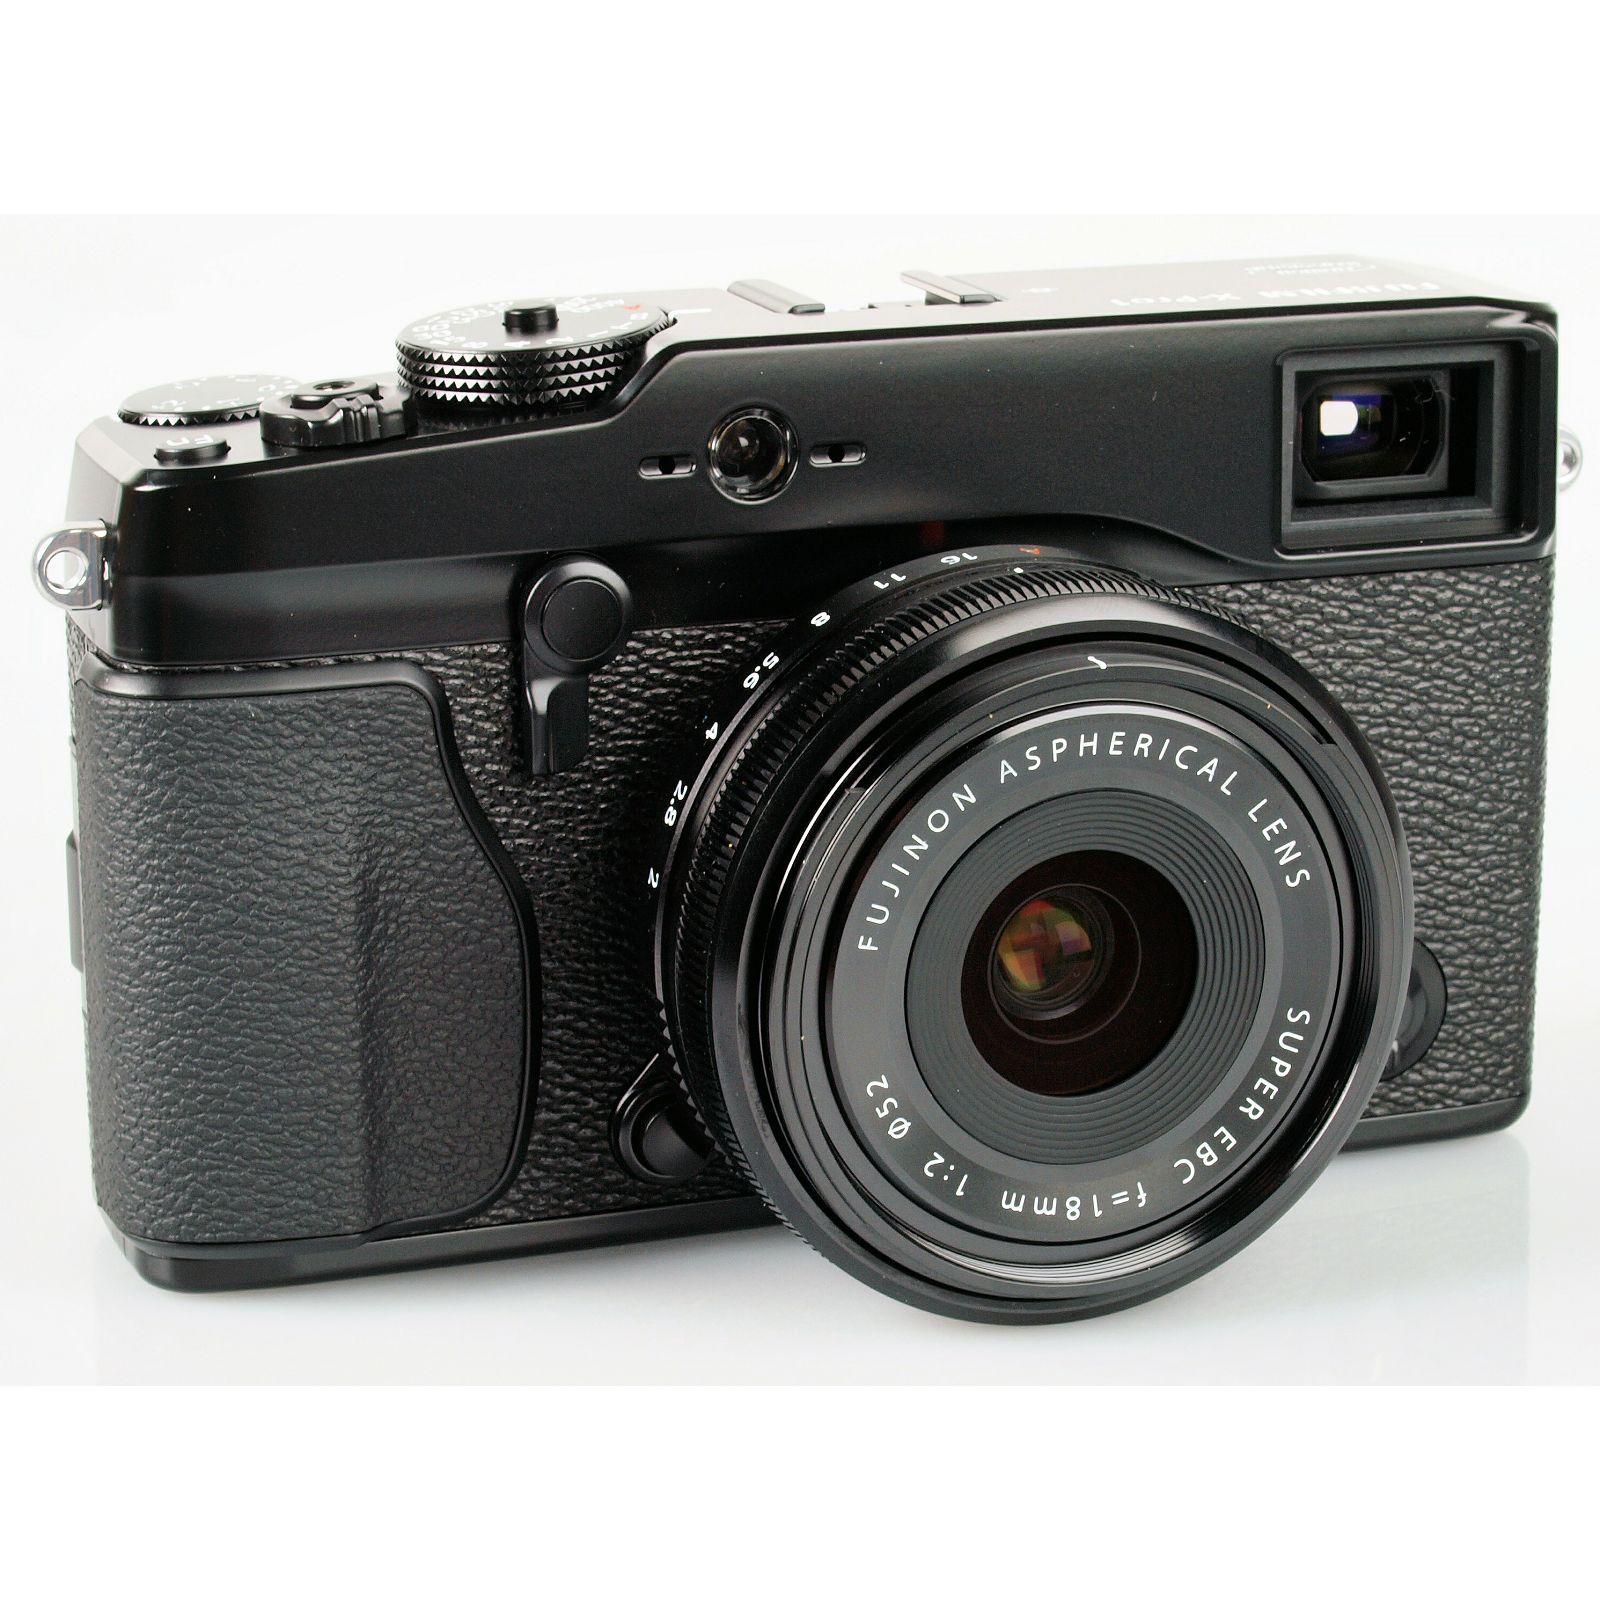 fujifilm x pro 1 18mm f2 r kit digitalni fotoaparat mirrorless camera fuji finepix s. Black Bedroom Furniture Sets. Home Design Ideas